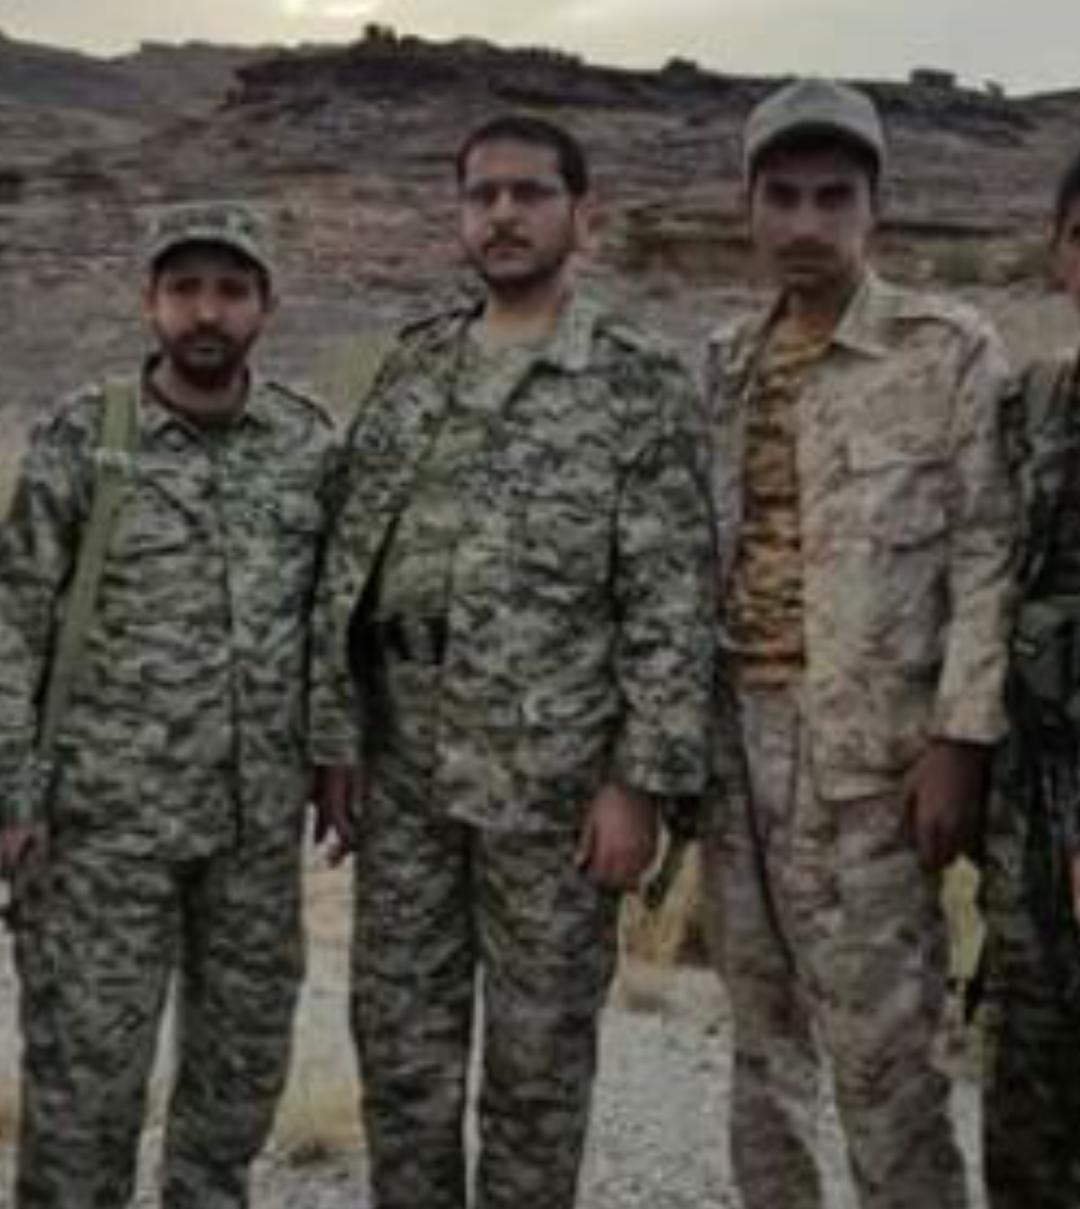 متابعة تطور الأحداث في اليمن - موضوع موحد - صفحة 34 2c136203-99ba-49eb-a7bc-1eeb6594b3cf